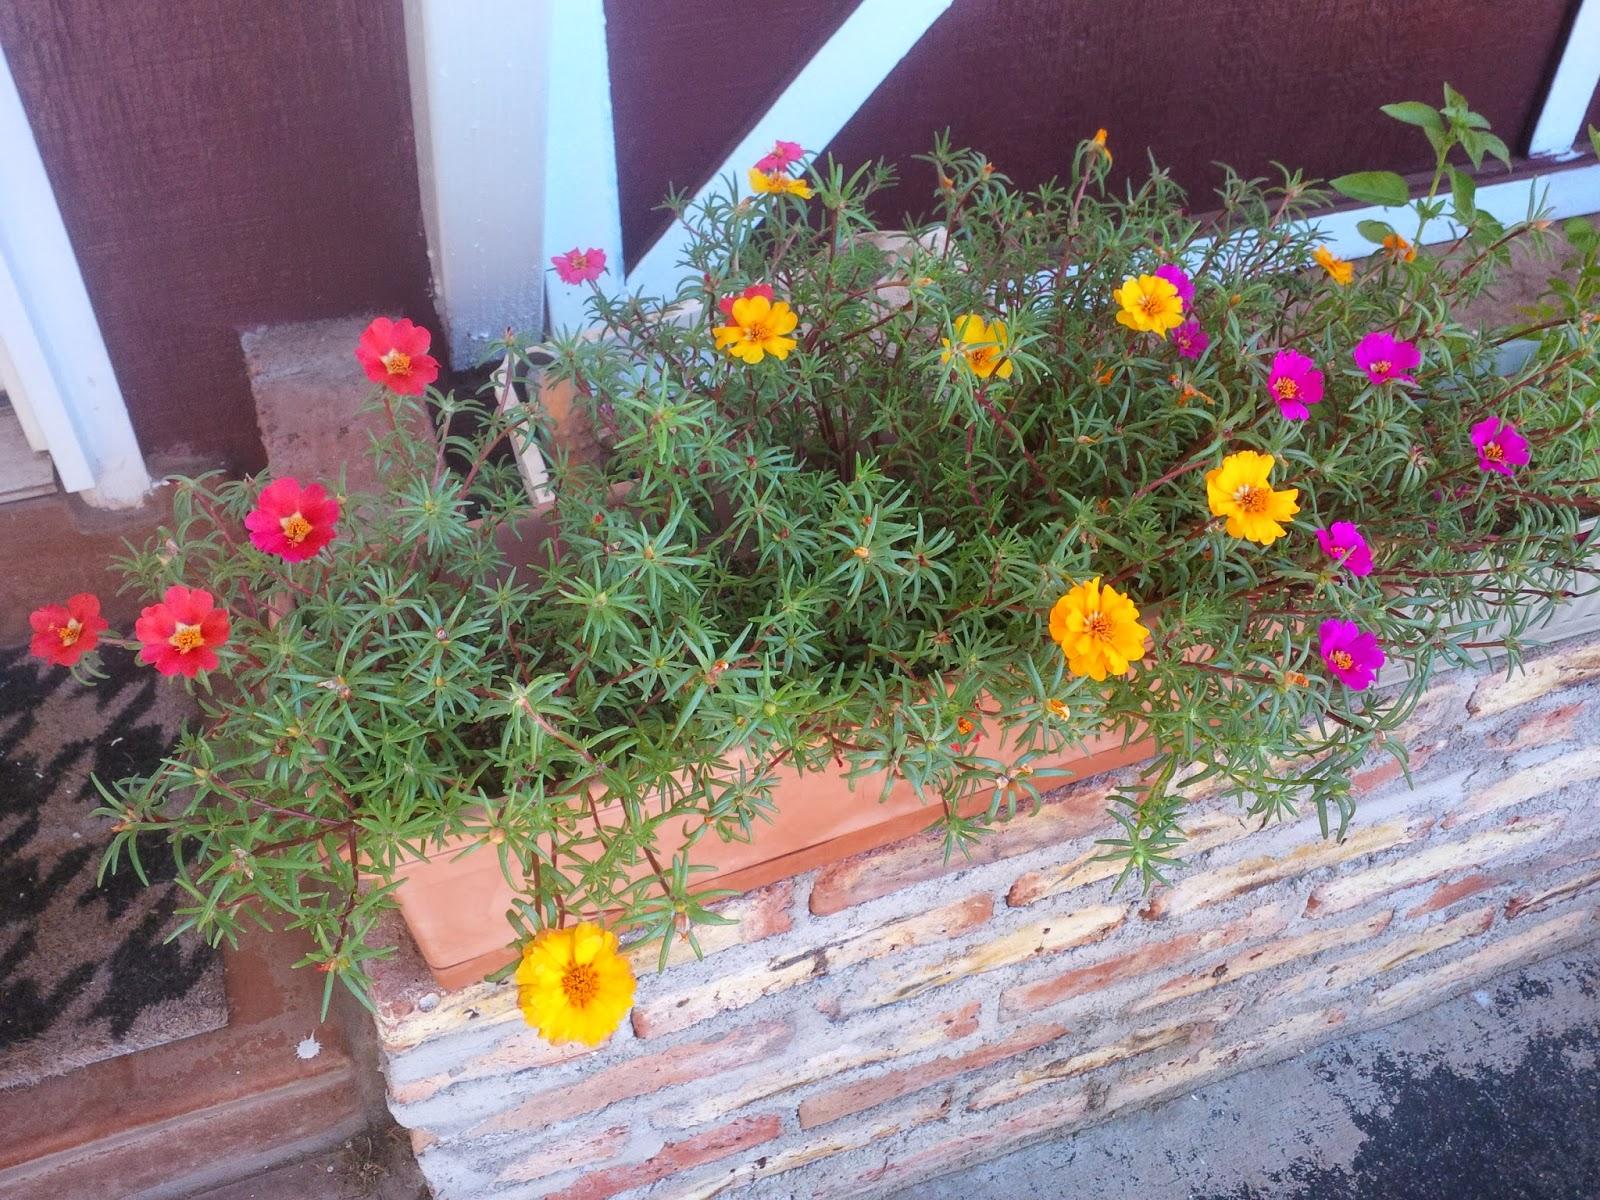 Growing like Wildflowers